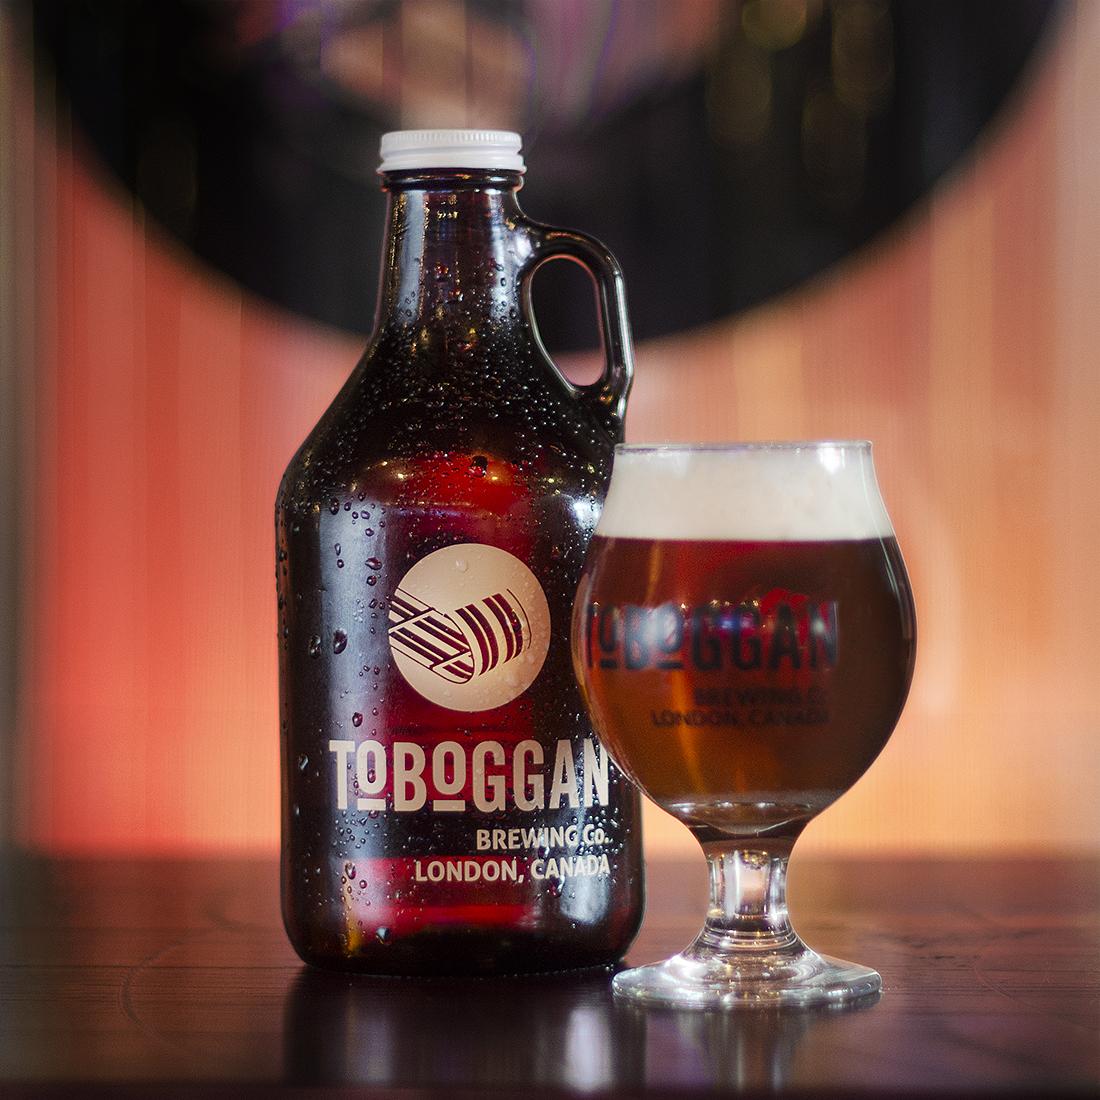 Toboggan Brewing Co Growler